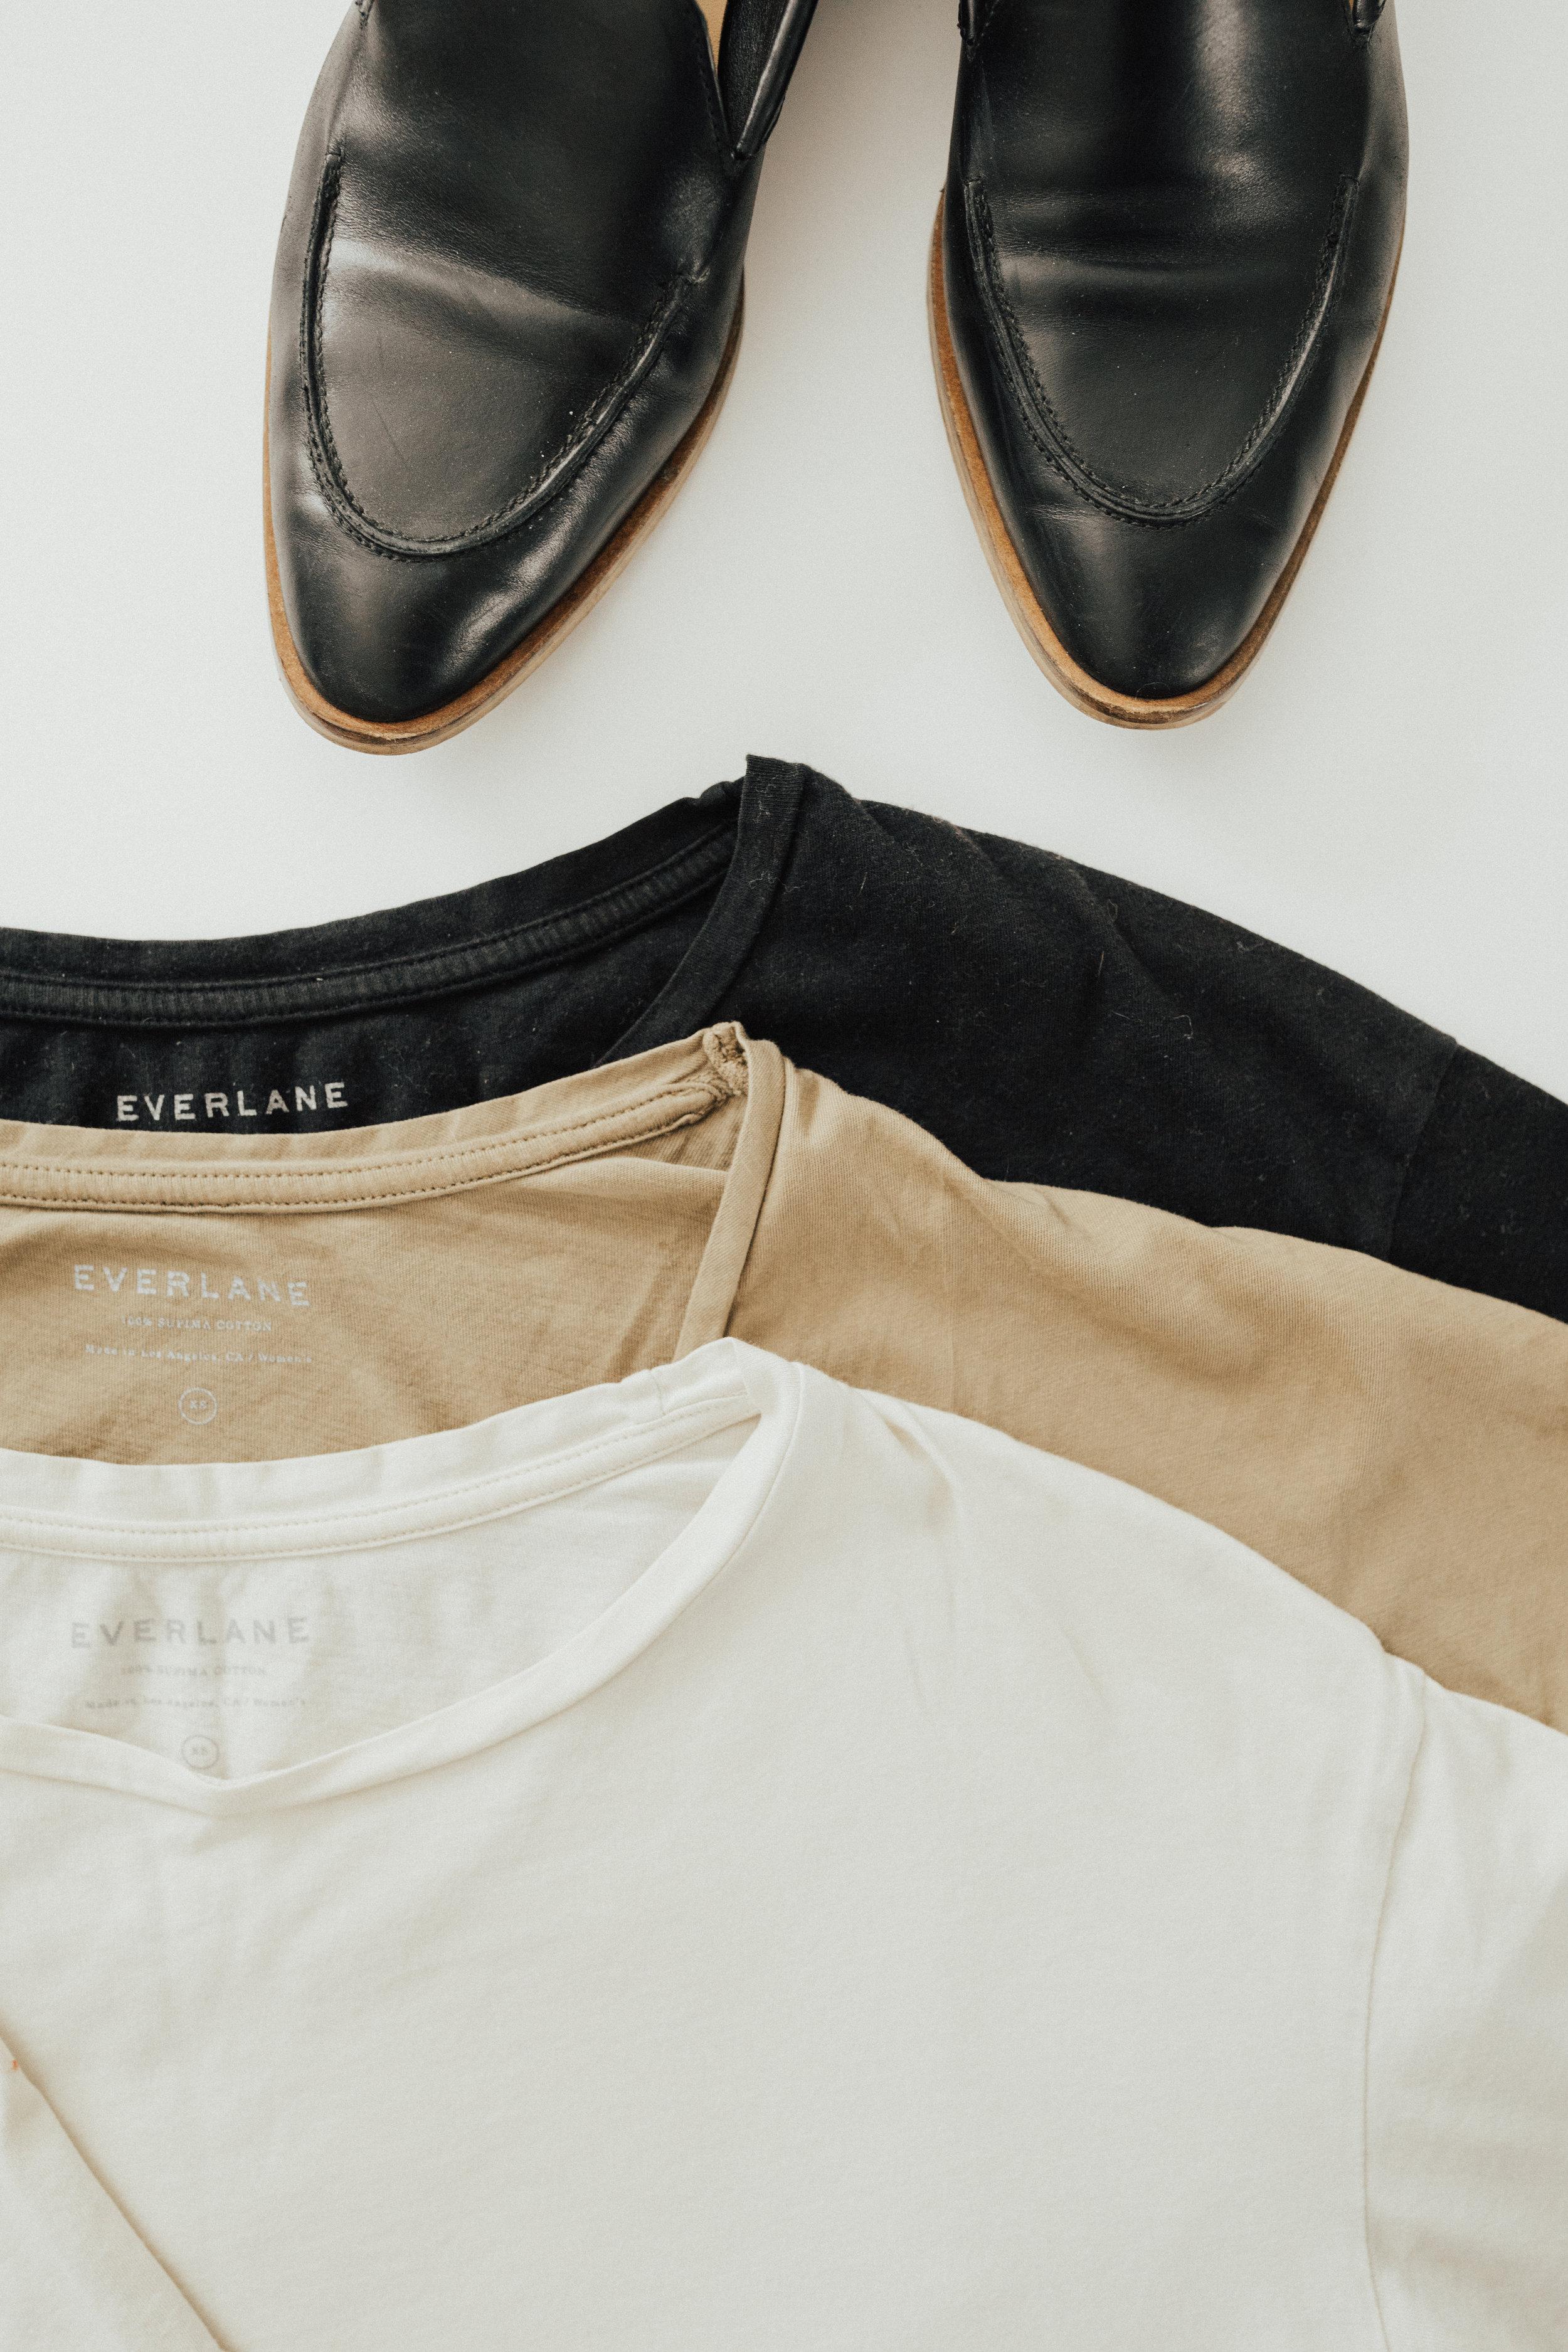 thegoodwear(12of73).jpg